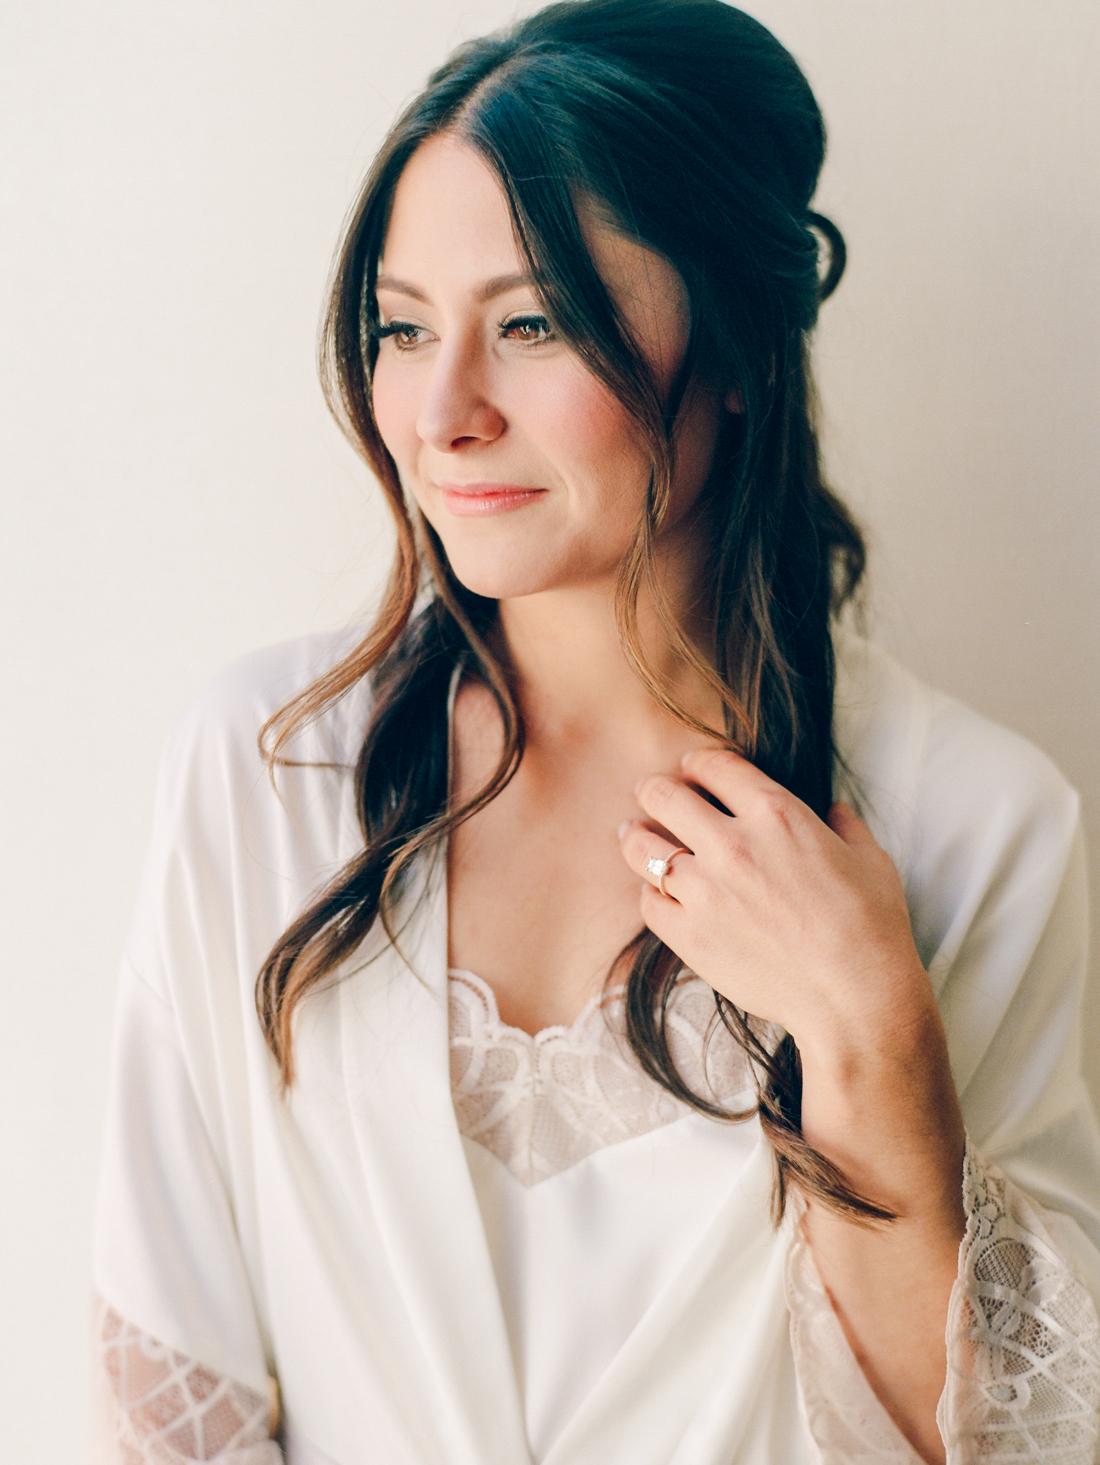 Kristin_Brett_TheKitchen_Denver_Wedding_by_Connie_Whitlock_web_081.jpg